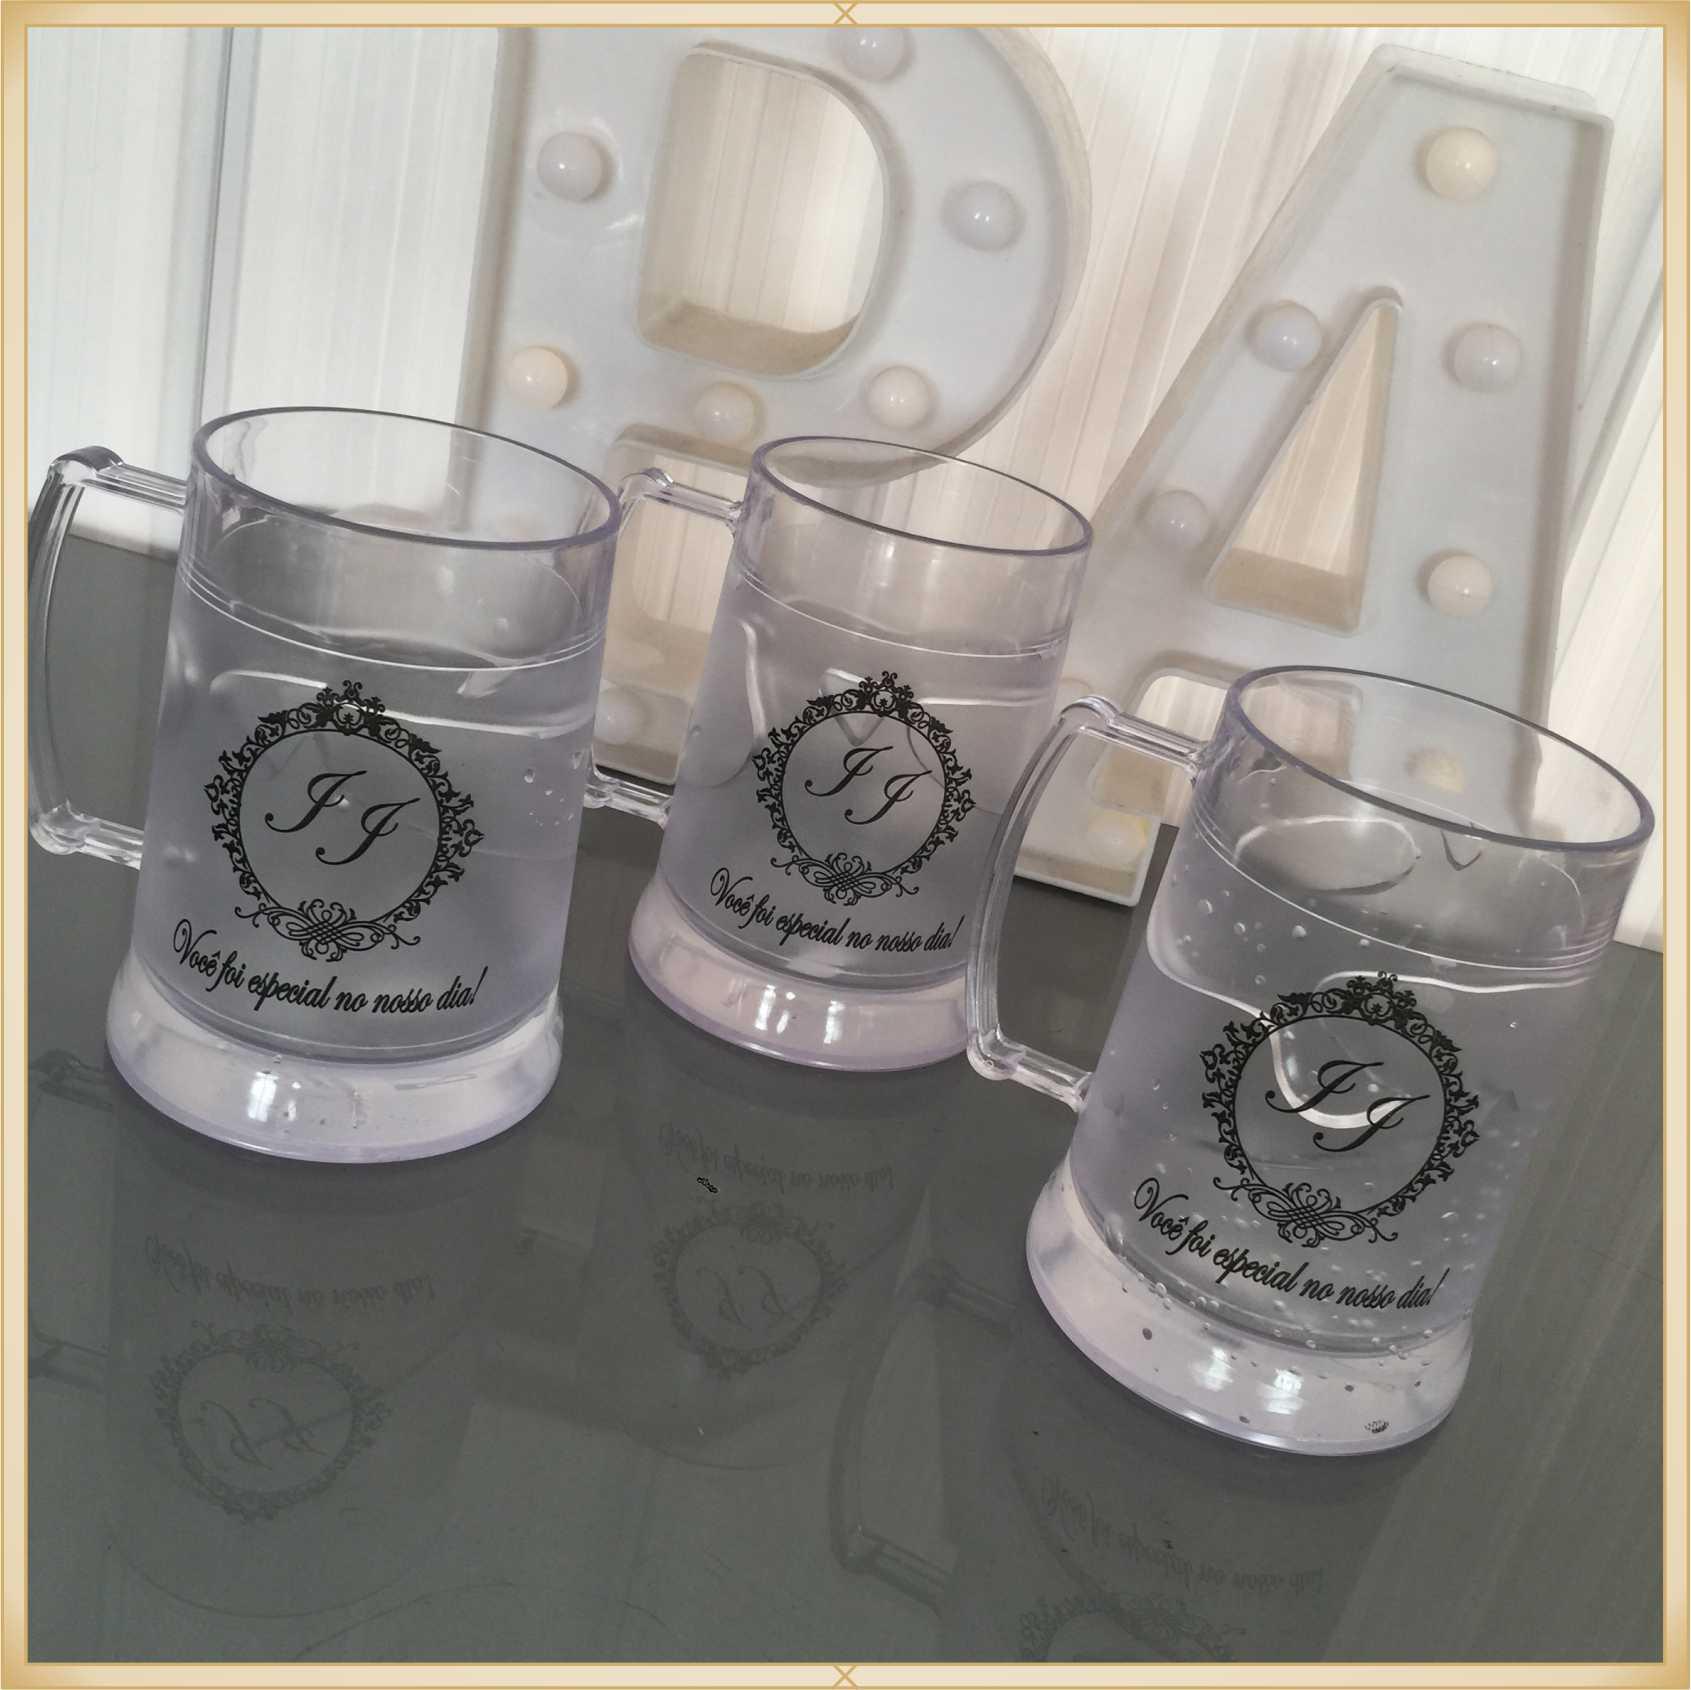 Canecas de gel personalizadas Casamento - acrílico de qualidade, ótimo acabamento, sistema de congelamento, parede dupla, 340 ml - kit 30 unidades.